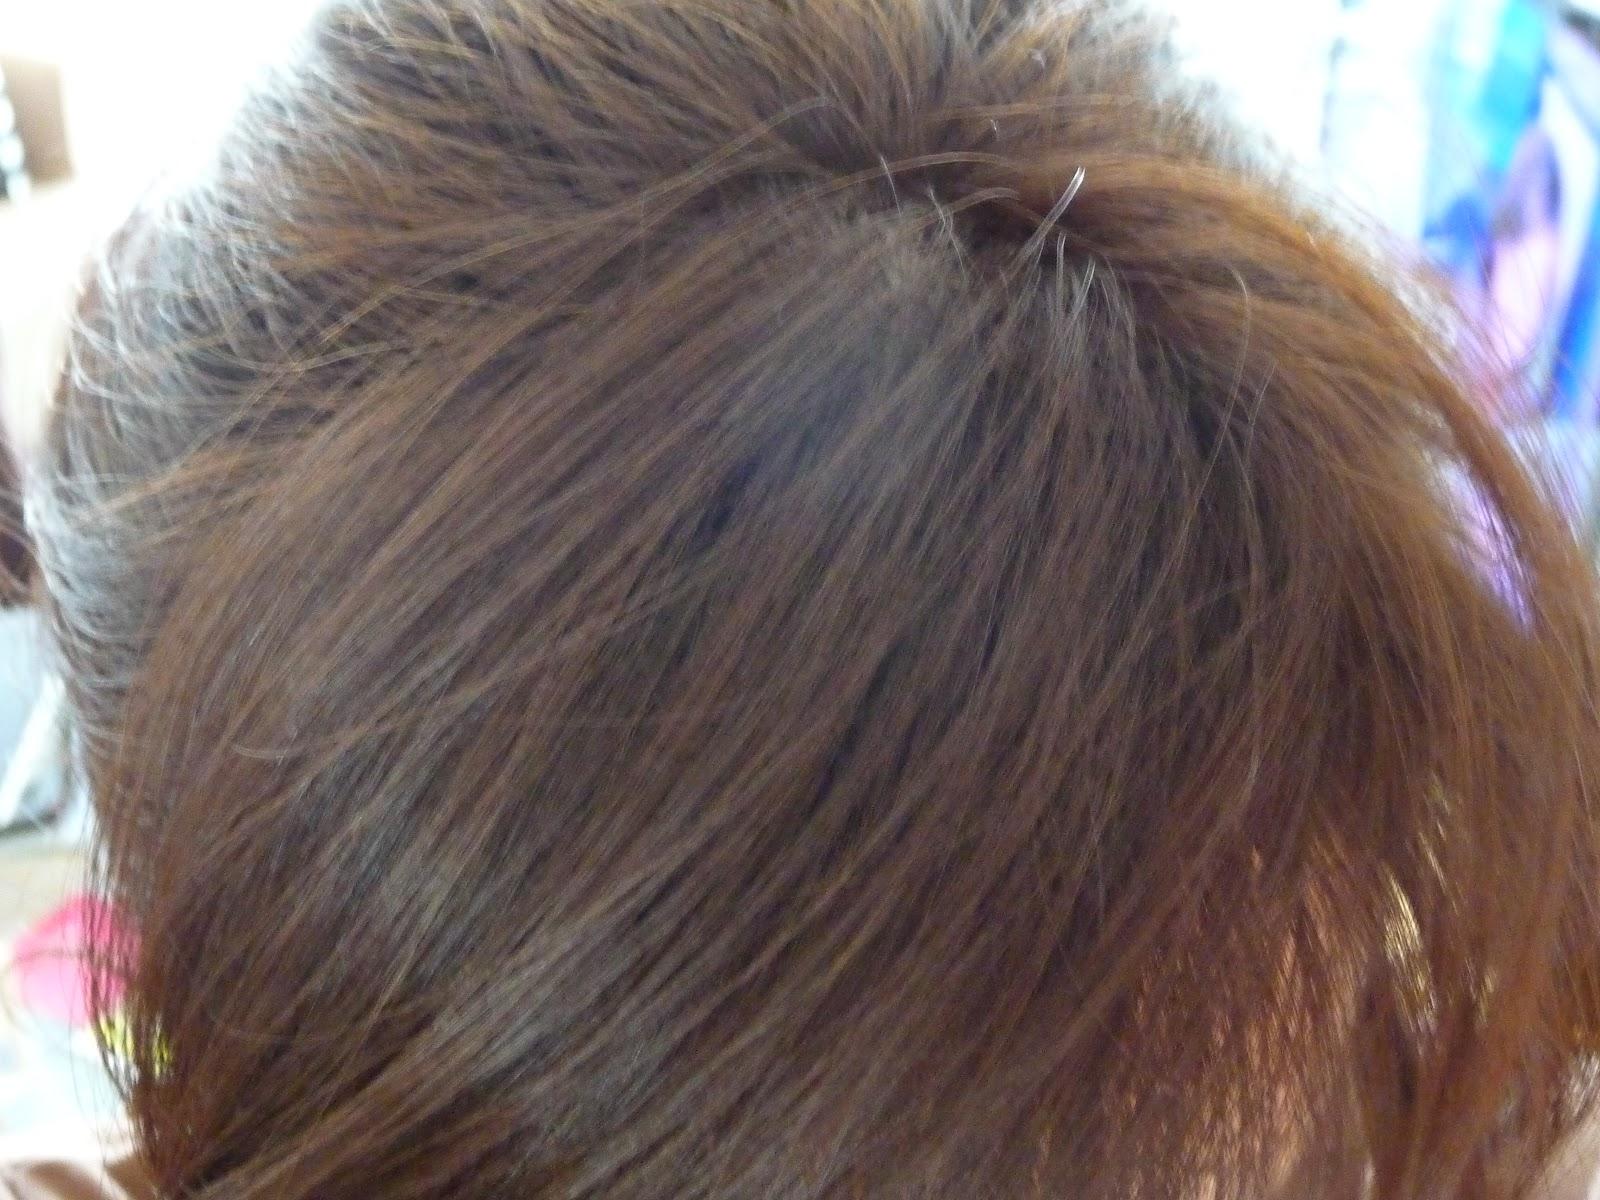 coloration nest pas assez nourrissant mon got mes cheveux sont rests un peu rches tout de mme en plus on en a tout juste pour une application - Franck Provost Coloration